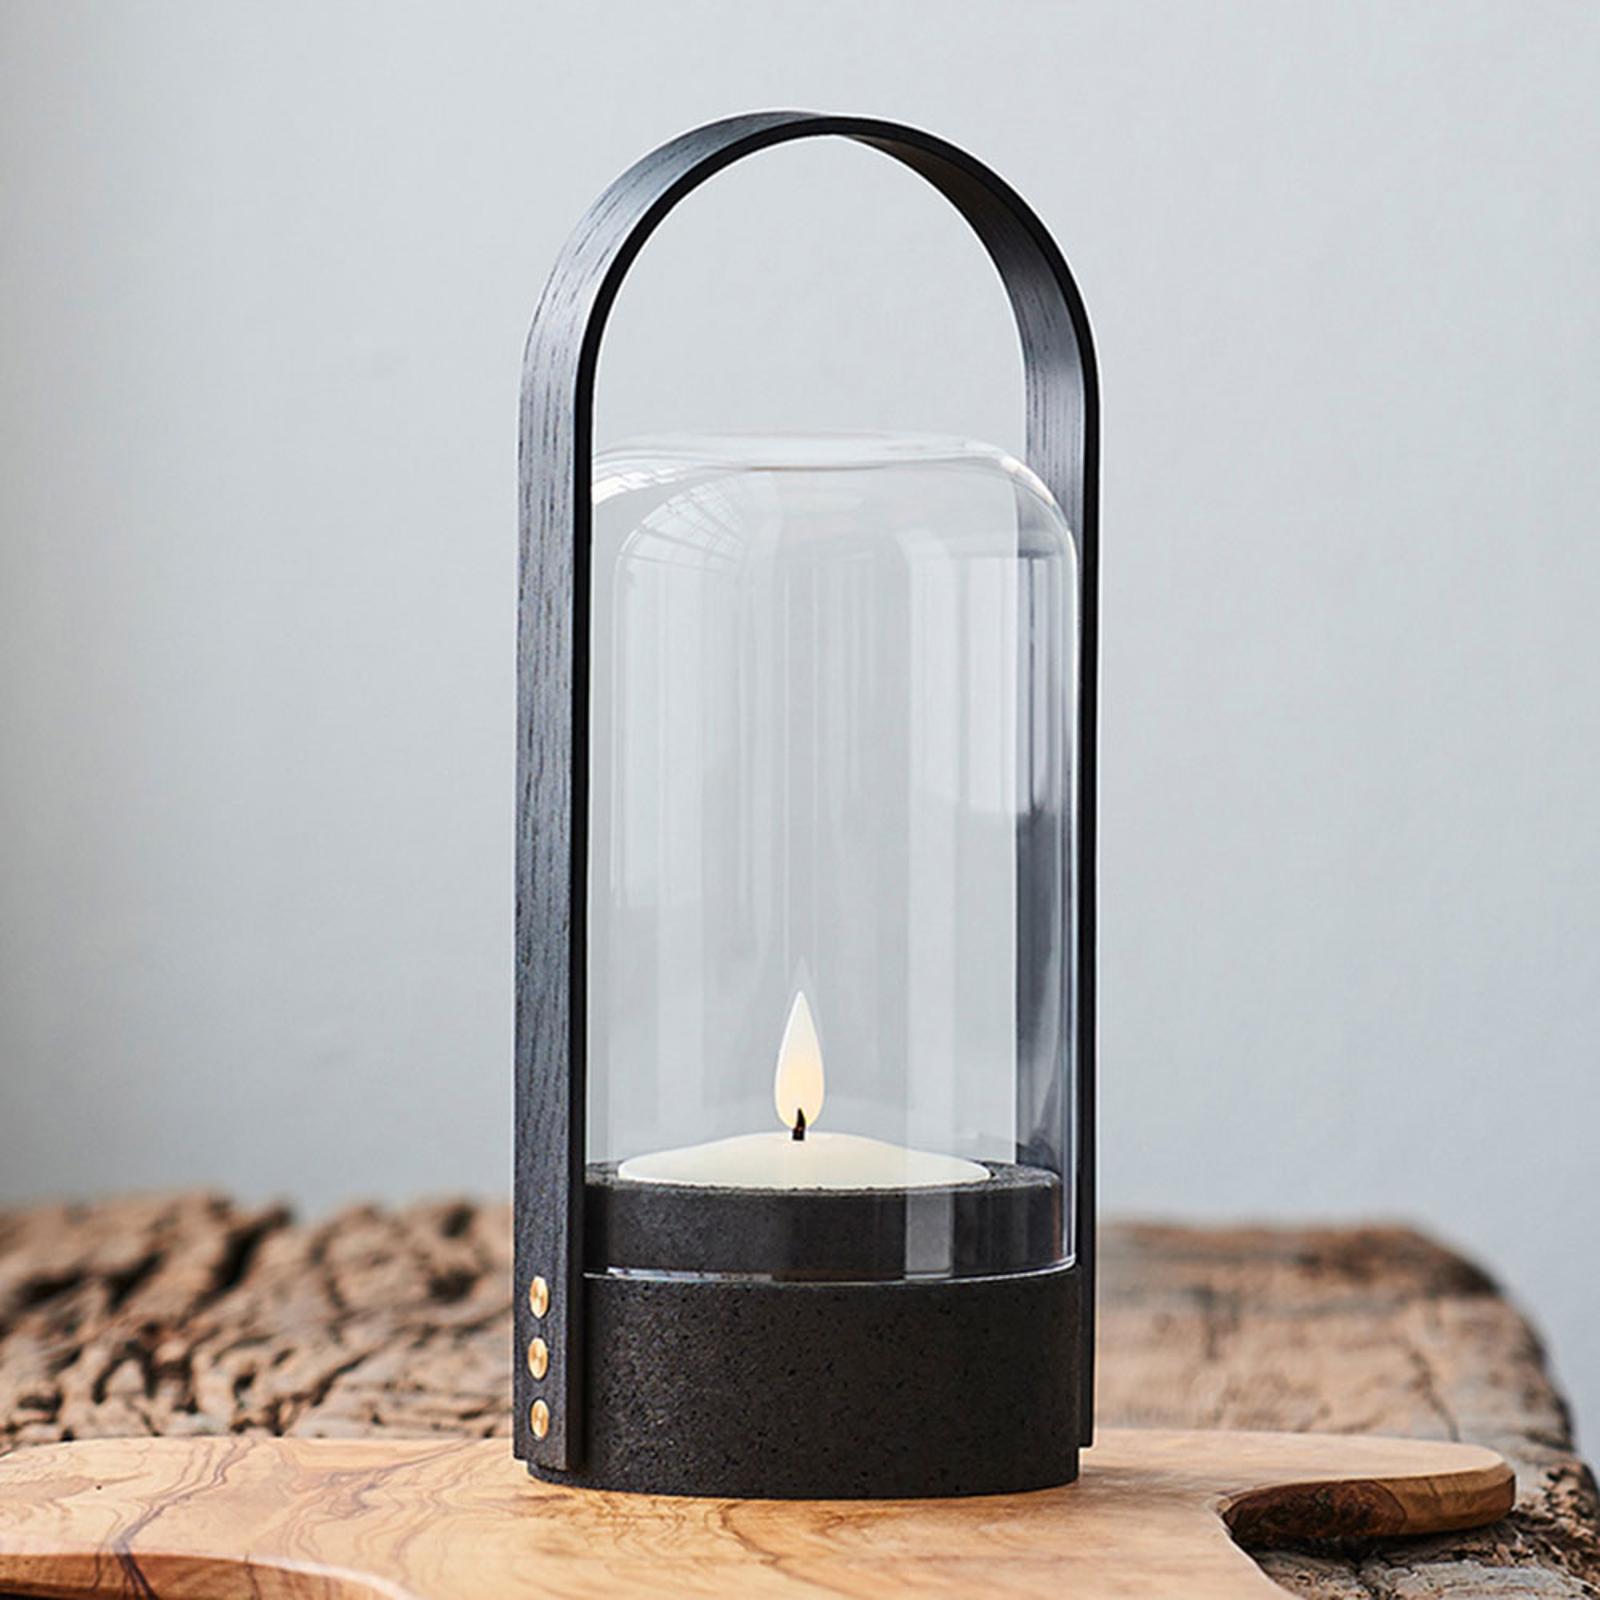 LE KLINT Candle Light LED-Laternenleuchte, schwarz